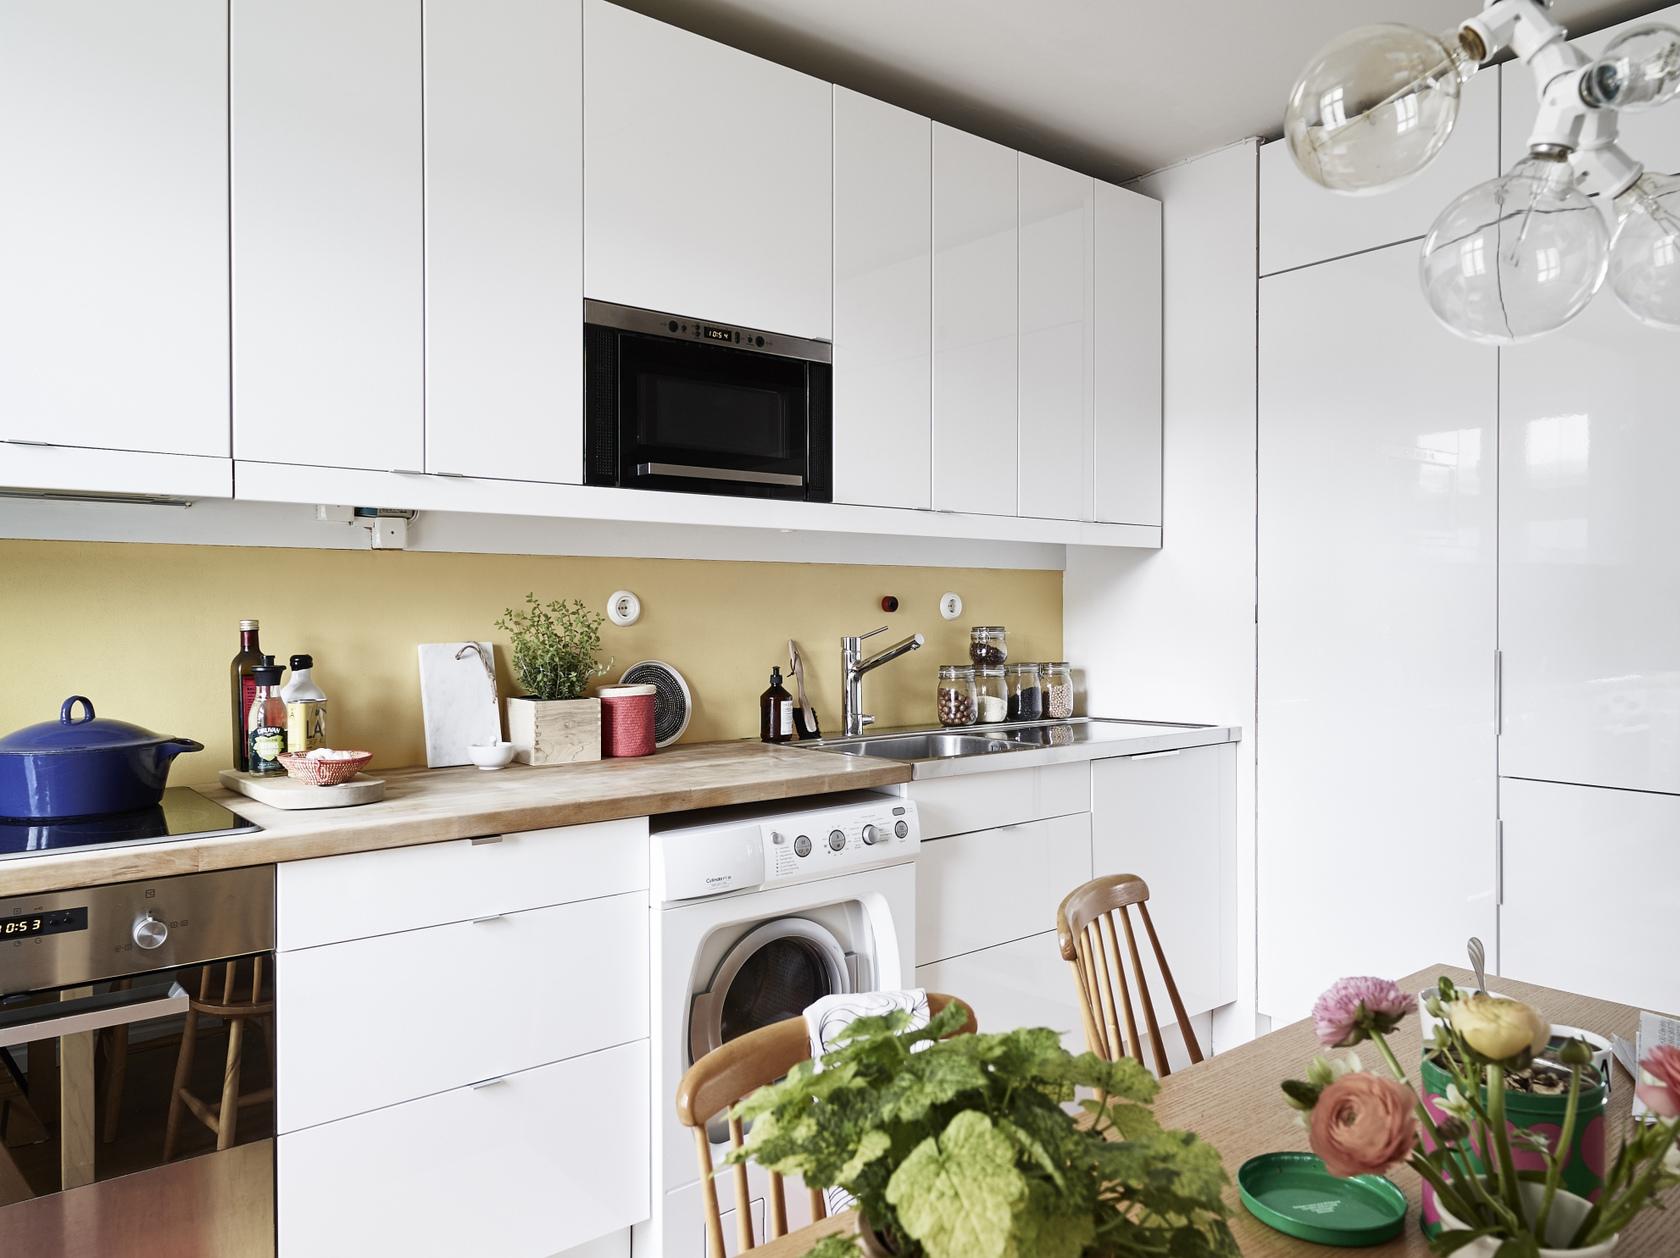 简约 客厅 卧室 厨房 餐厅 白领 小资 装修案例 室内设计图片来自成都图美家装饰在小清新装修案例总有一款你喜欢的的分享